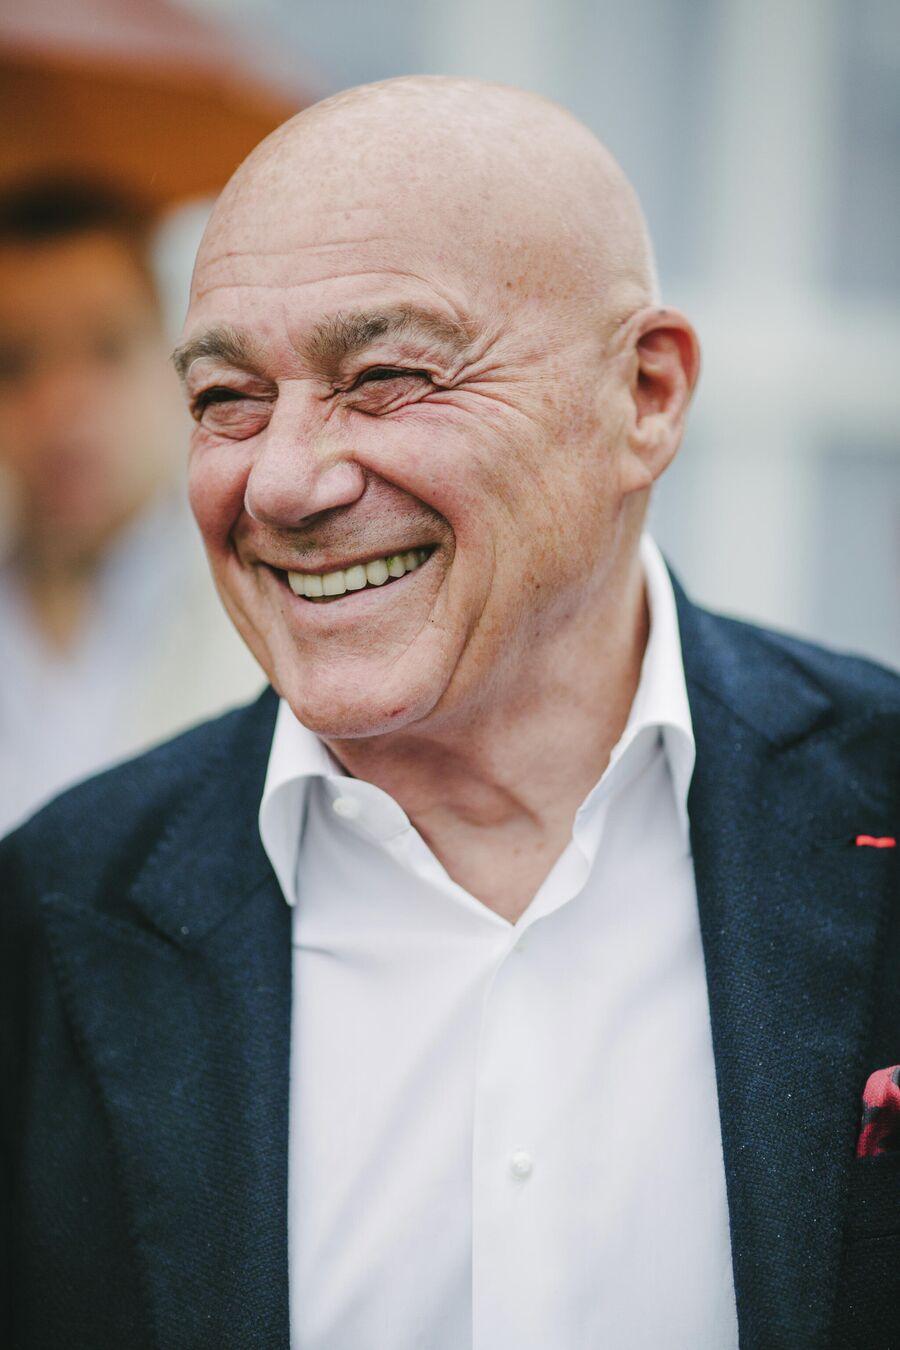 Журналист, телеведущий Владимир Познер после церемонии открытия ХI Международного кинофестиваля имени А. Тарковского Зеркало в Плёсе